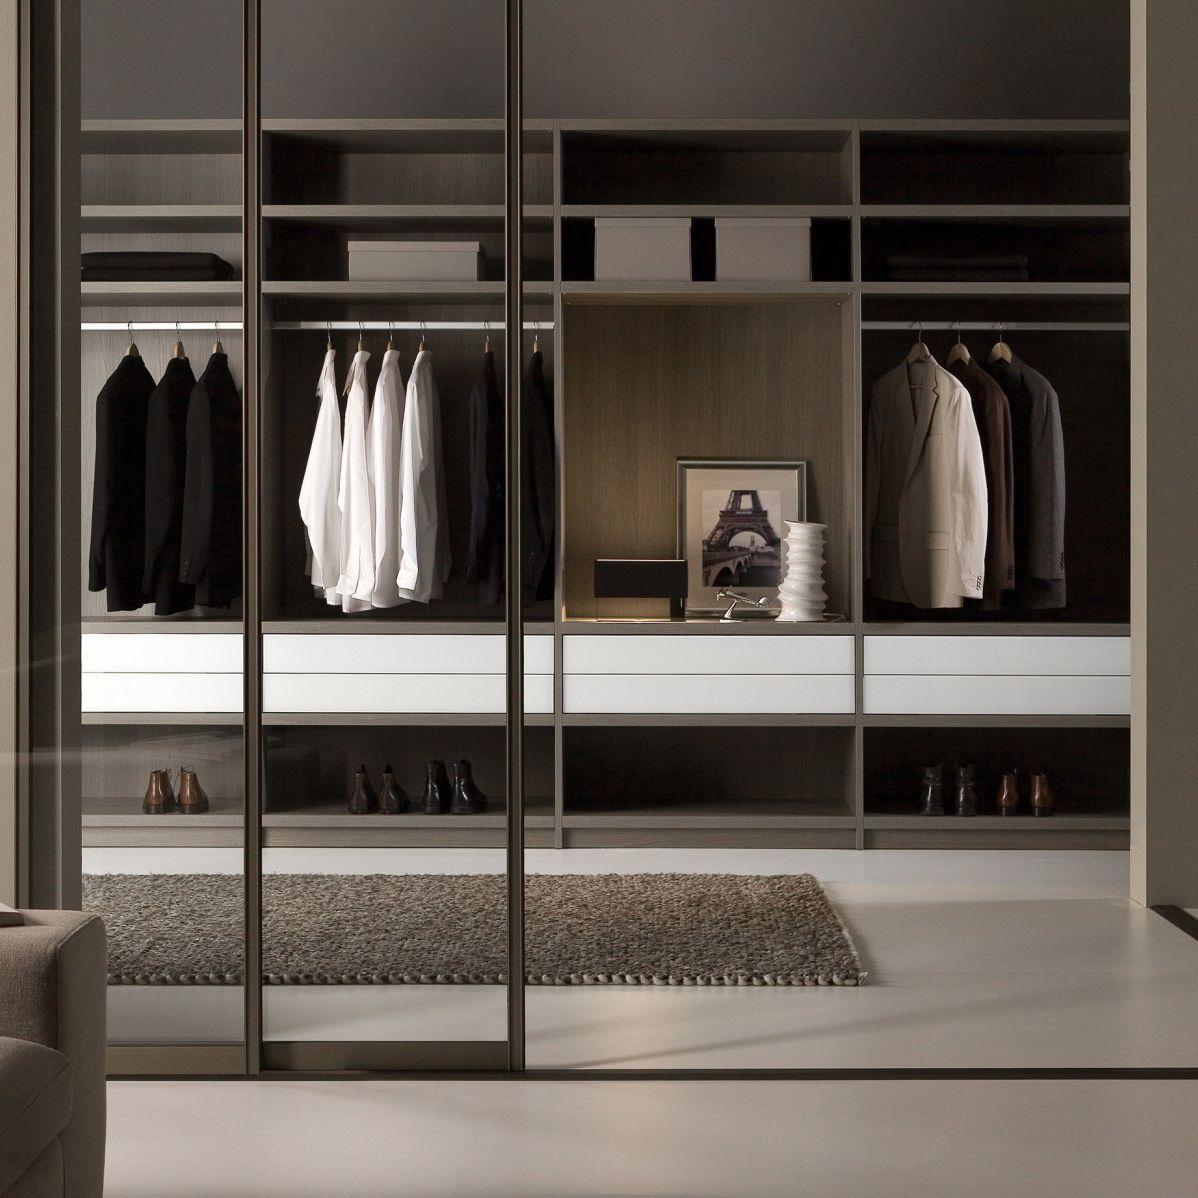 Moderner Begehbarer Kleiderschrank Matrix Noteborn Bv Lackiertes Glas Aluminium Schiebeturen